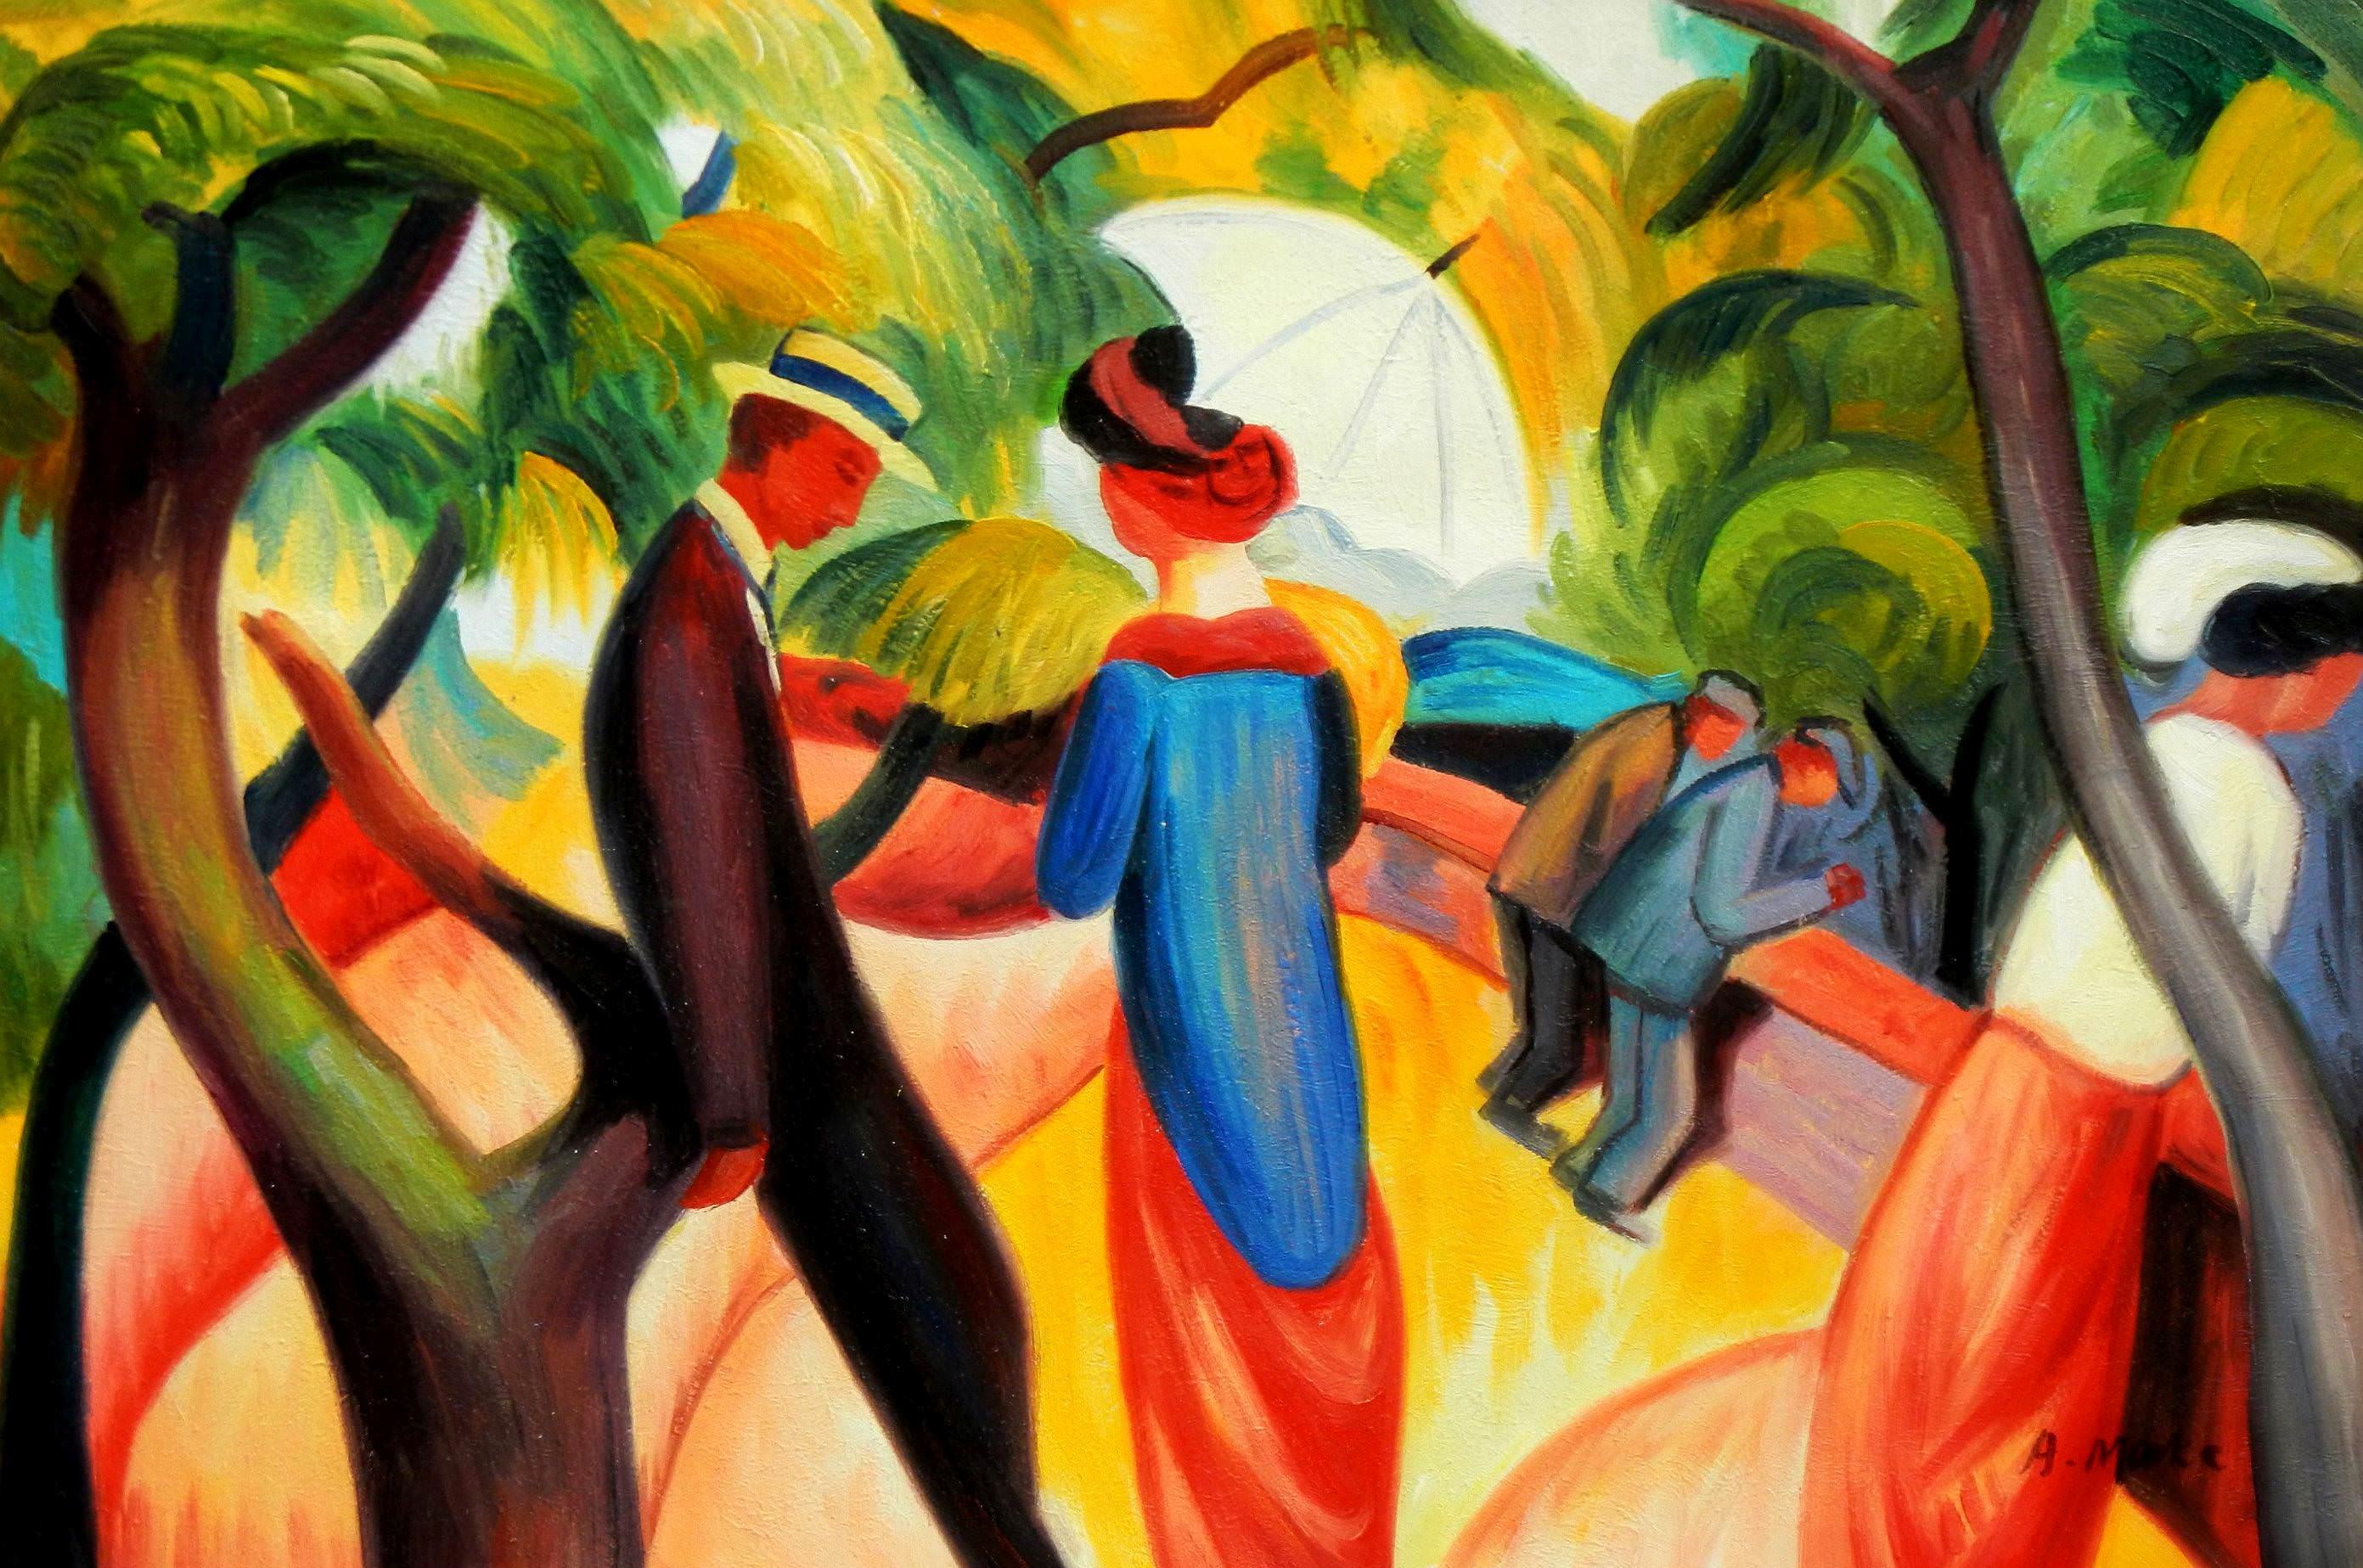 August Macke - Promenade 1913 d96191 G 60x90cm Expressionismus Ölgemälde handgemalt